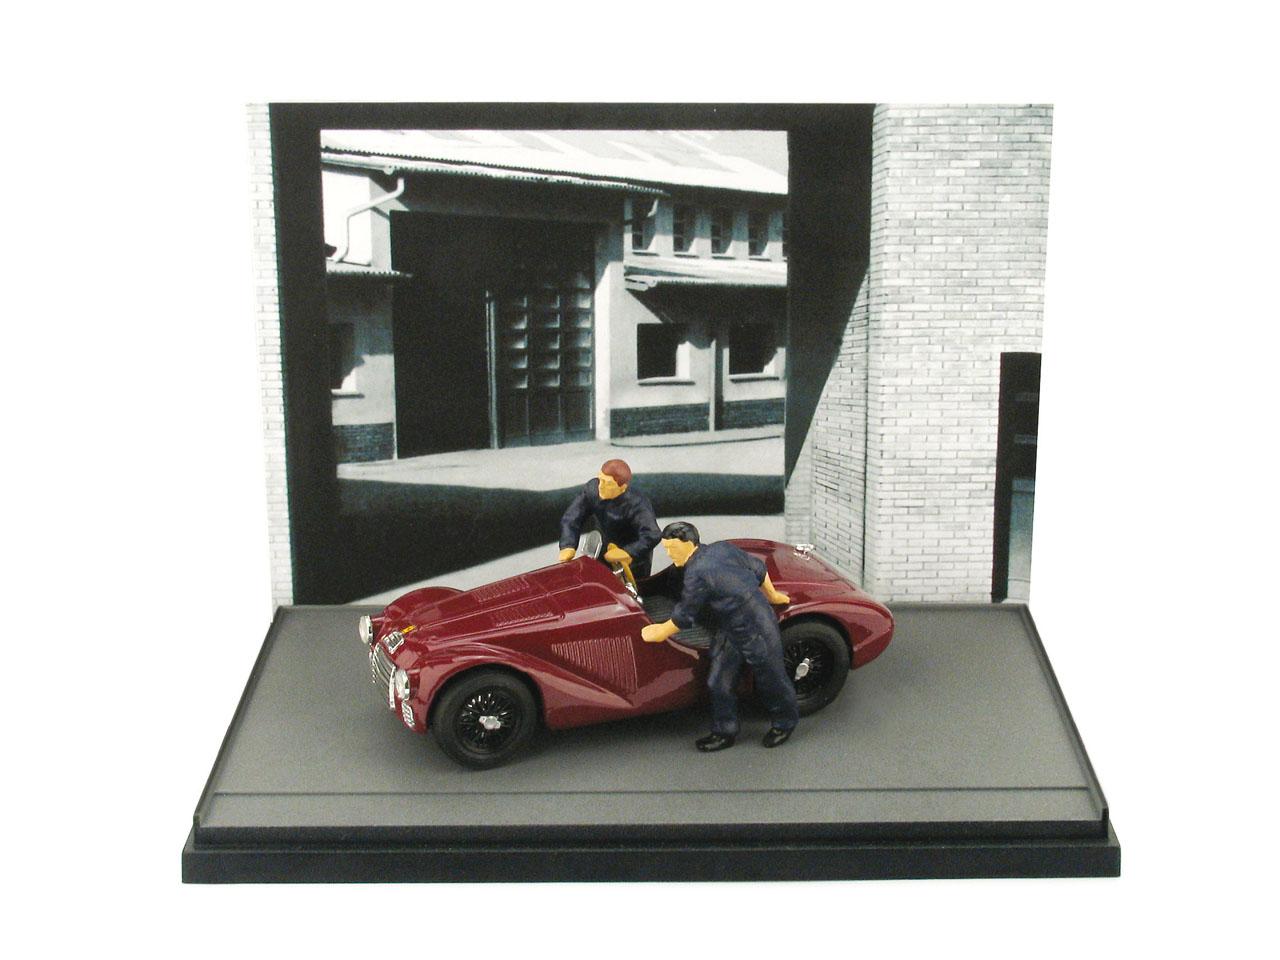 Ferrari 125 (1947) diorama con 2 mecánicos Brumm AS50 1/43 Diorama Decorado en color